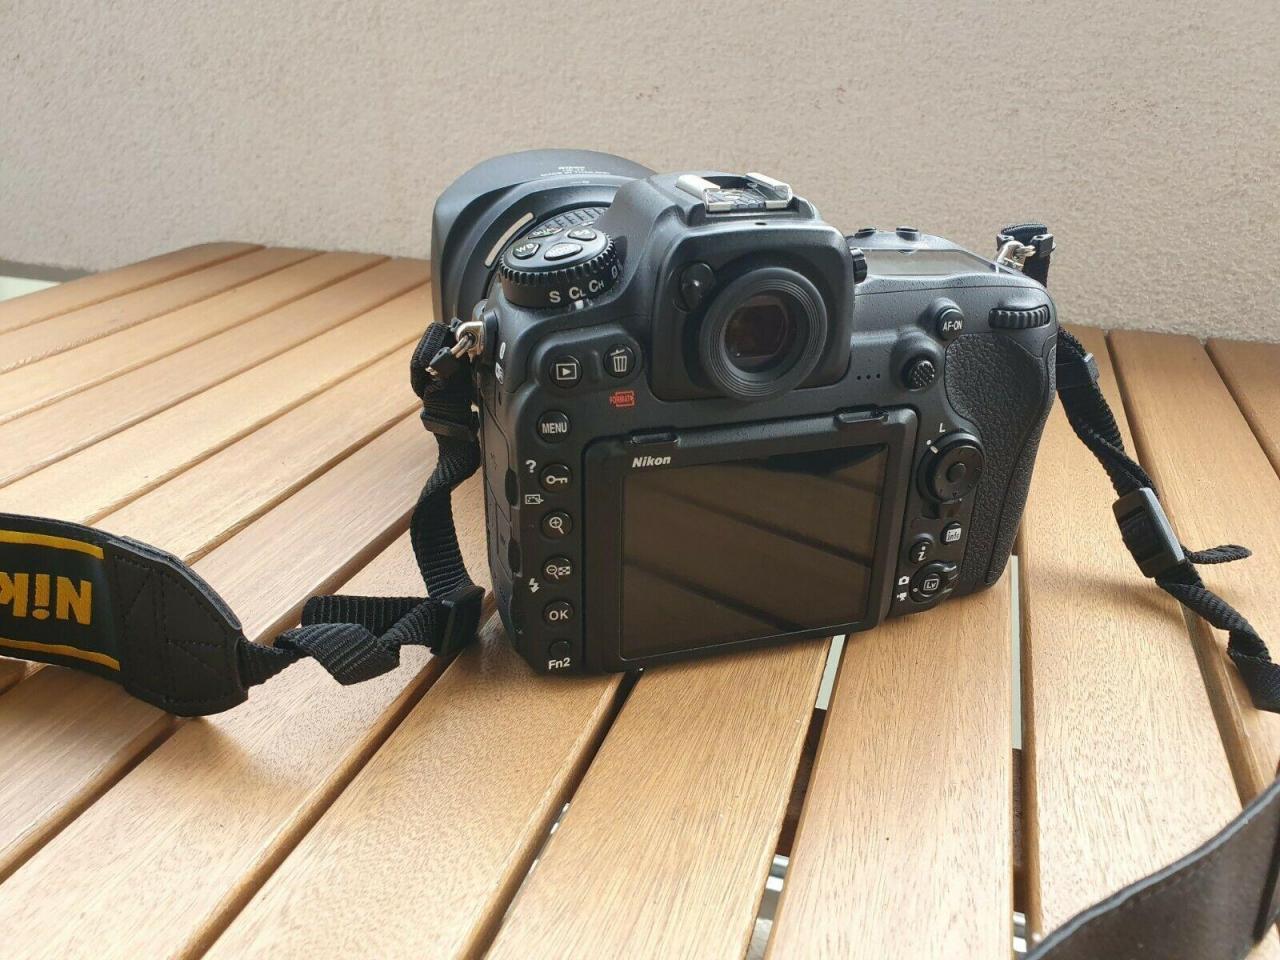 Nikon D500 камера в идеальном состоянии для продажи - 2